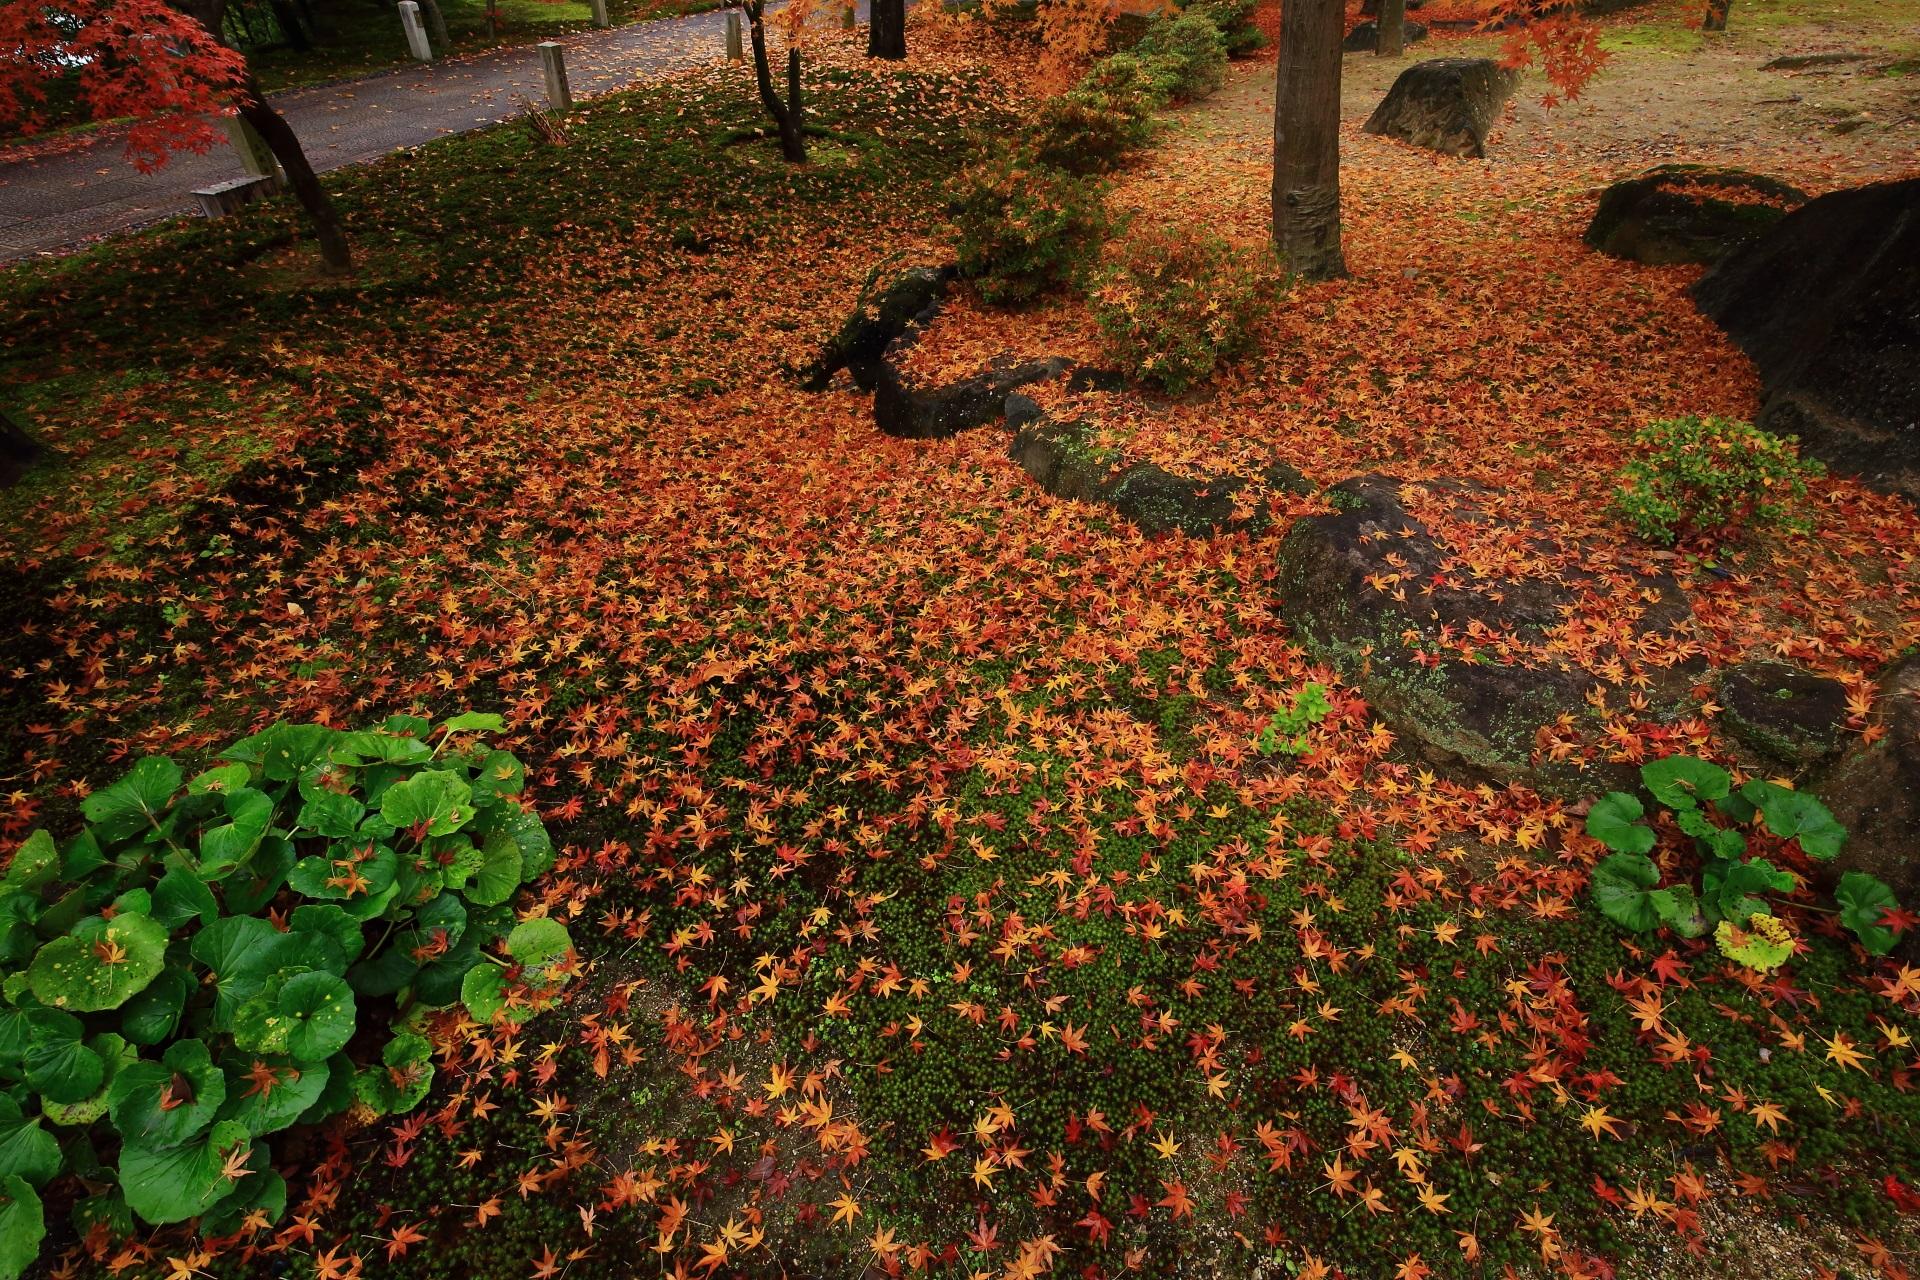 智積院の緑の苔や植物を賑やかに華やぐ多彩な散りもみじ